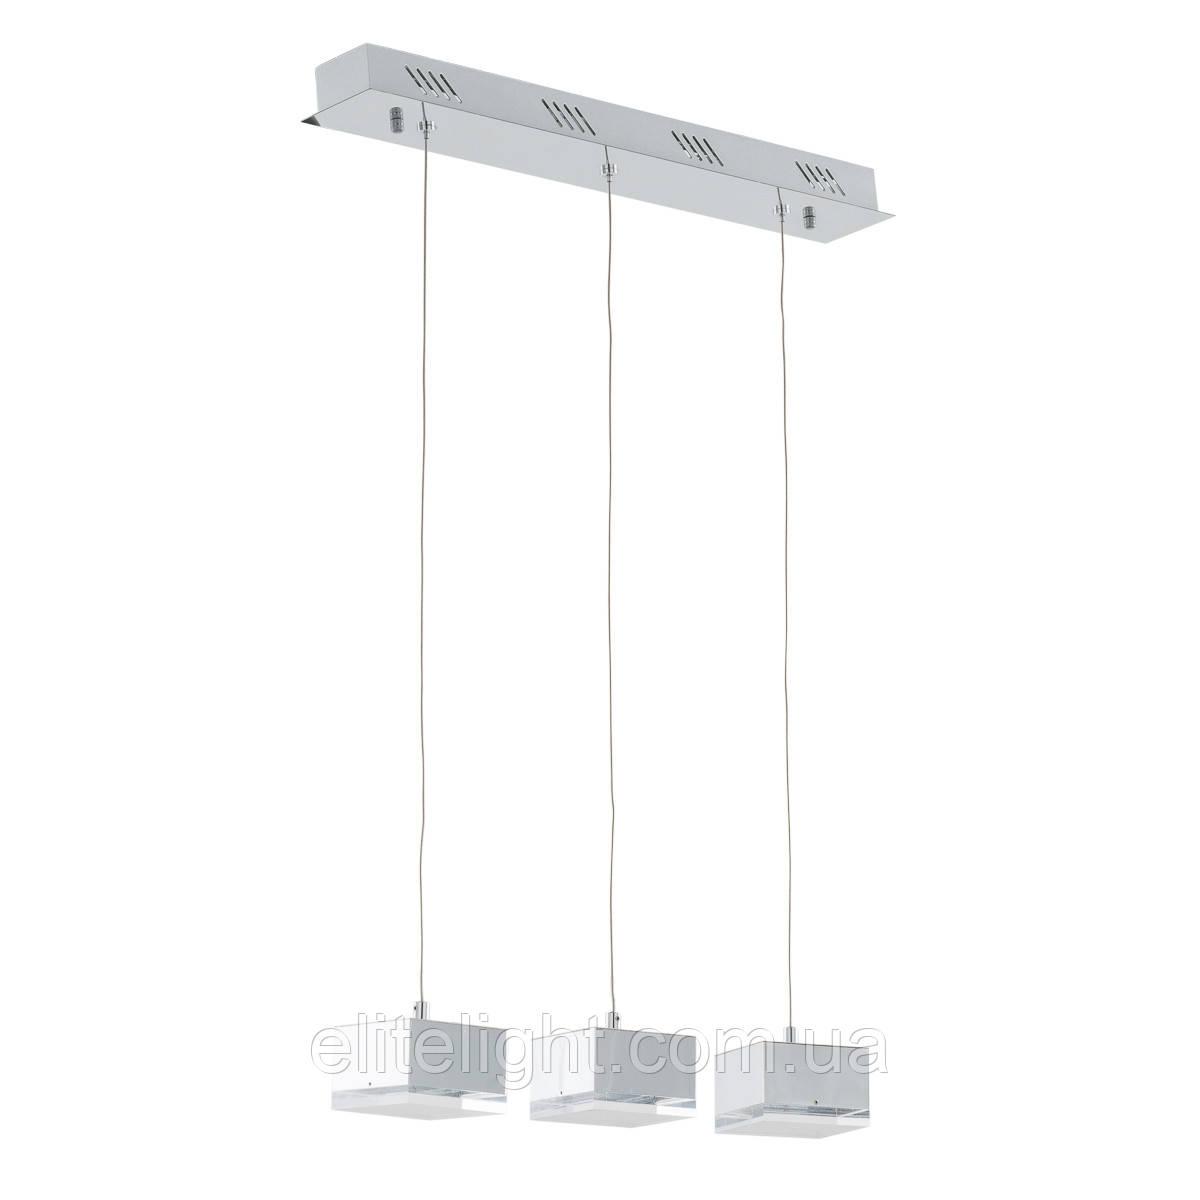 Подвесной светильник Italux MD14009016-3A SETH